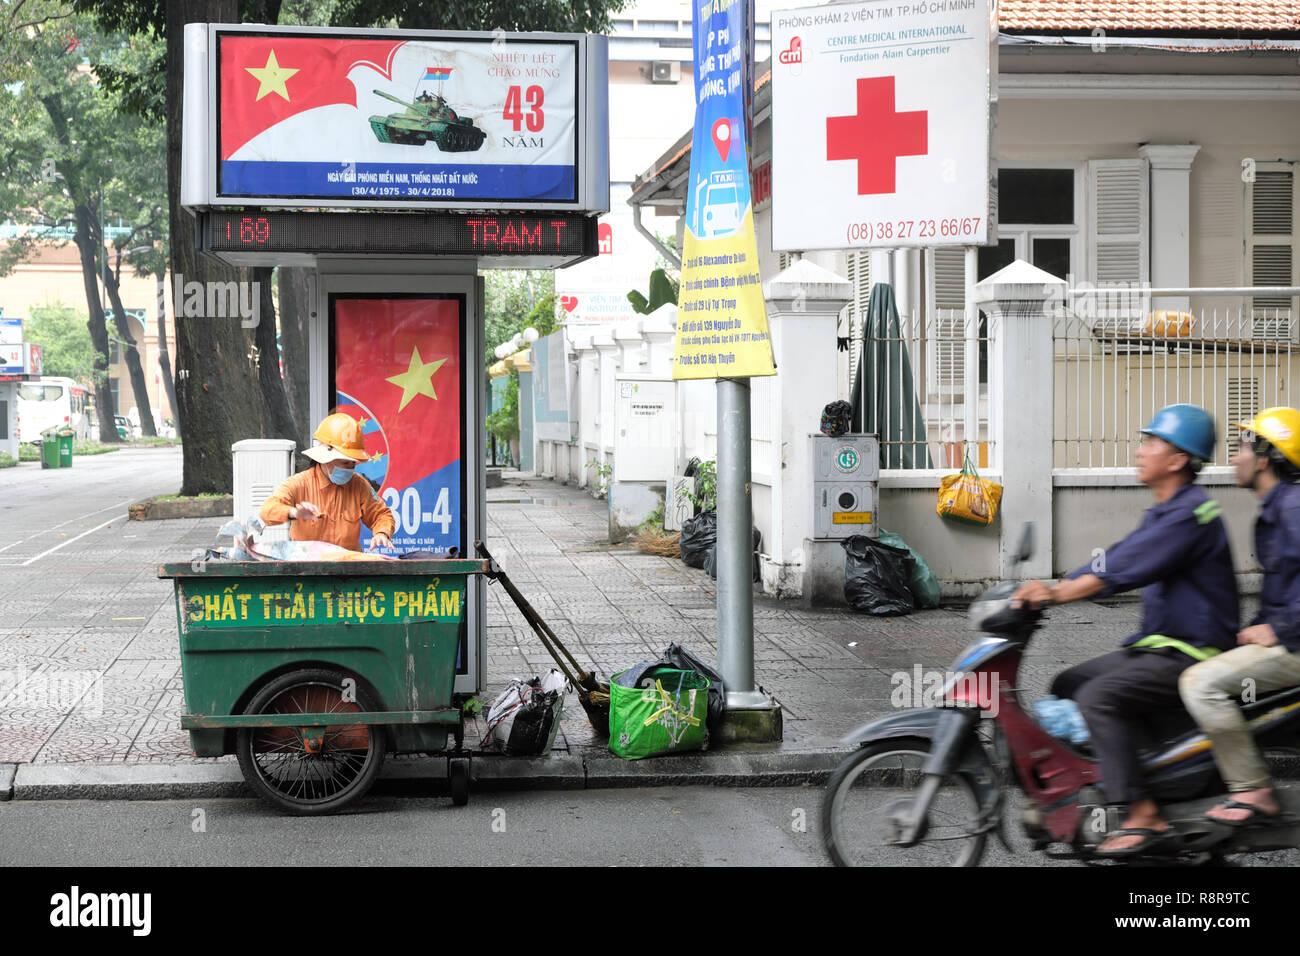 Ho Chi Minh City, Vietnam - Street Sweeper Reinigung Straßen in der Nähe der Kommunistischen Partei Plakate feiert 43 Jahre seit die Stadt wurde 1975 befreit Stockbild